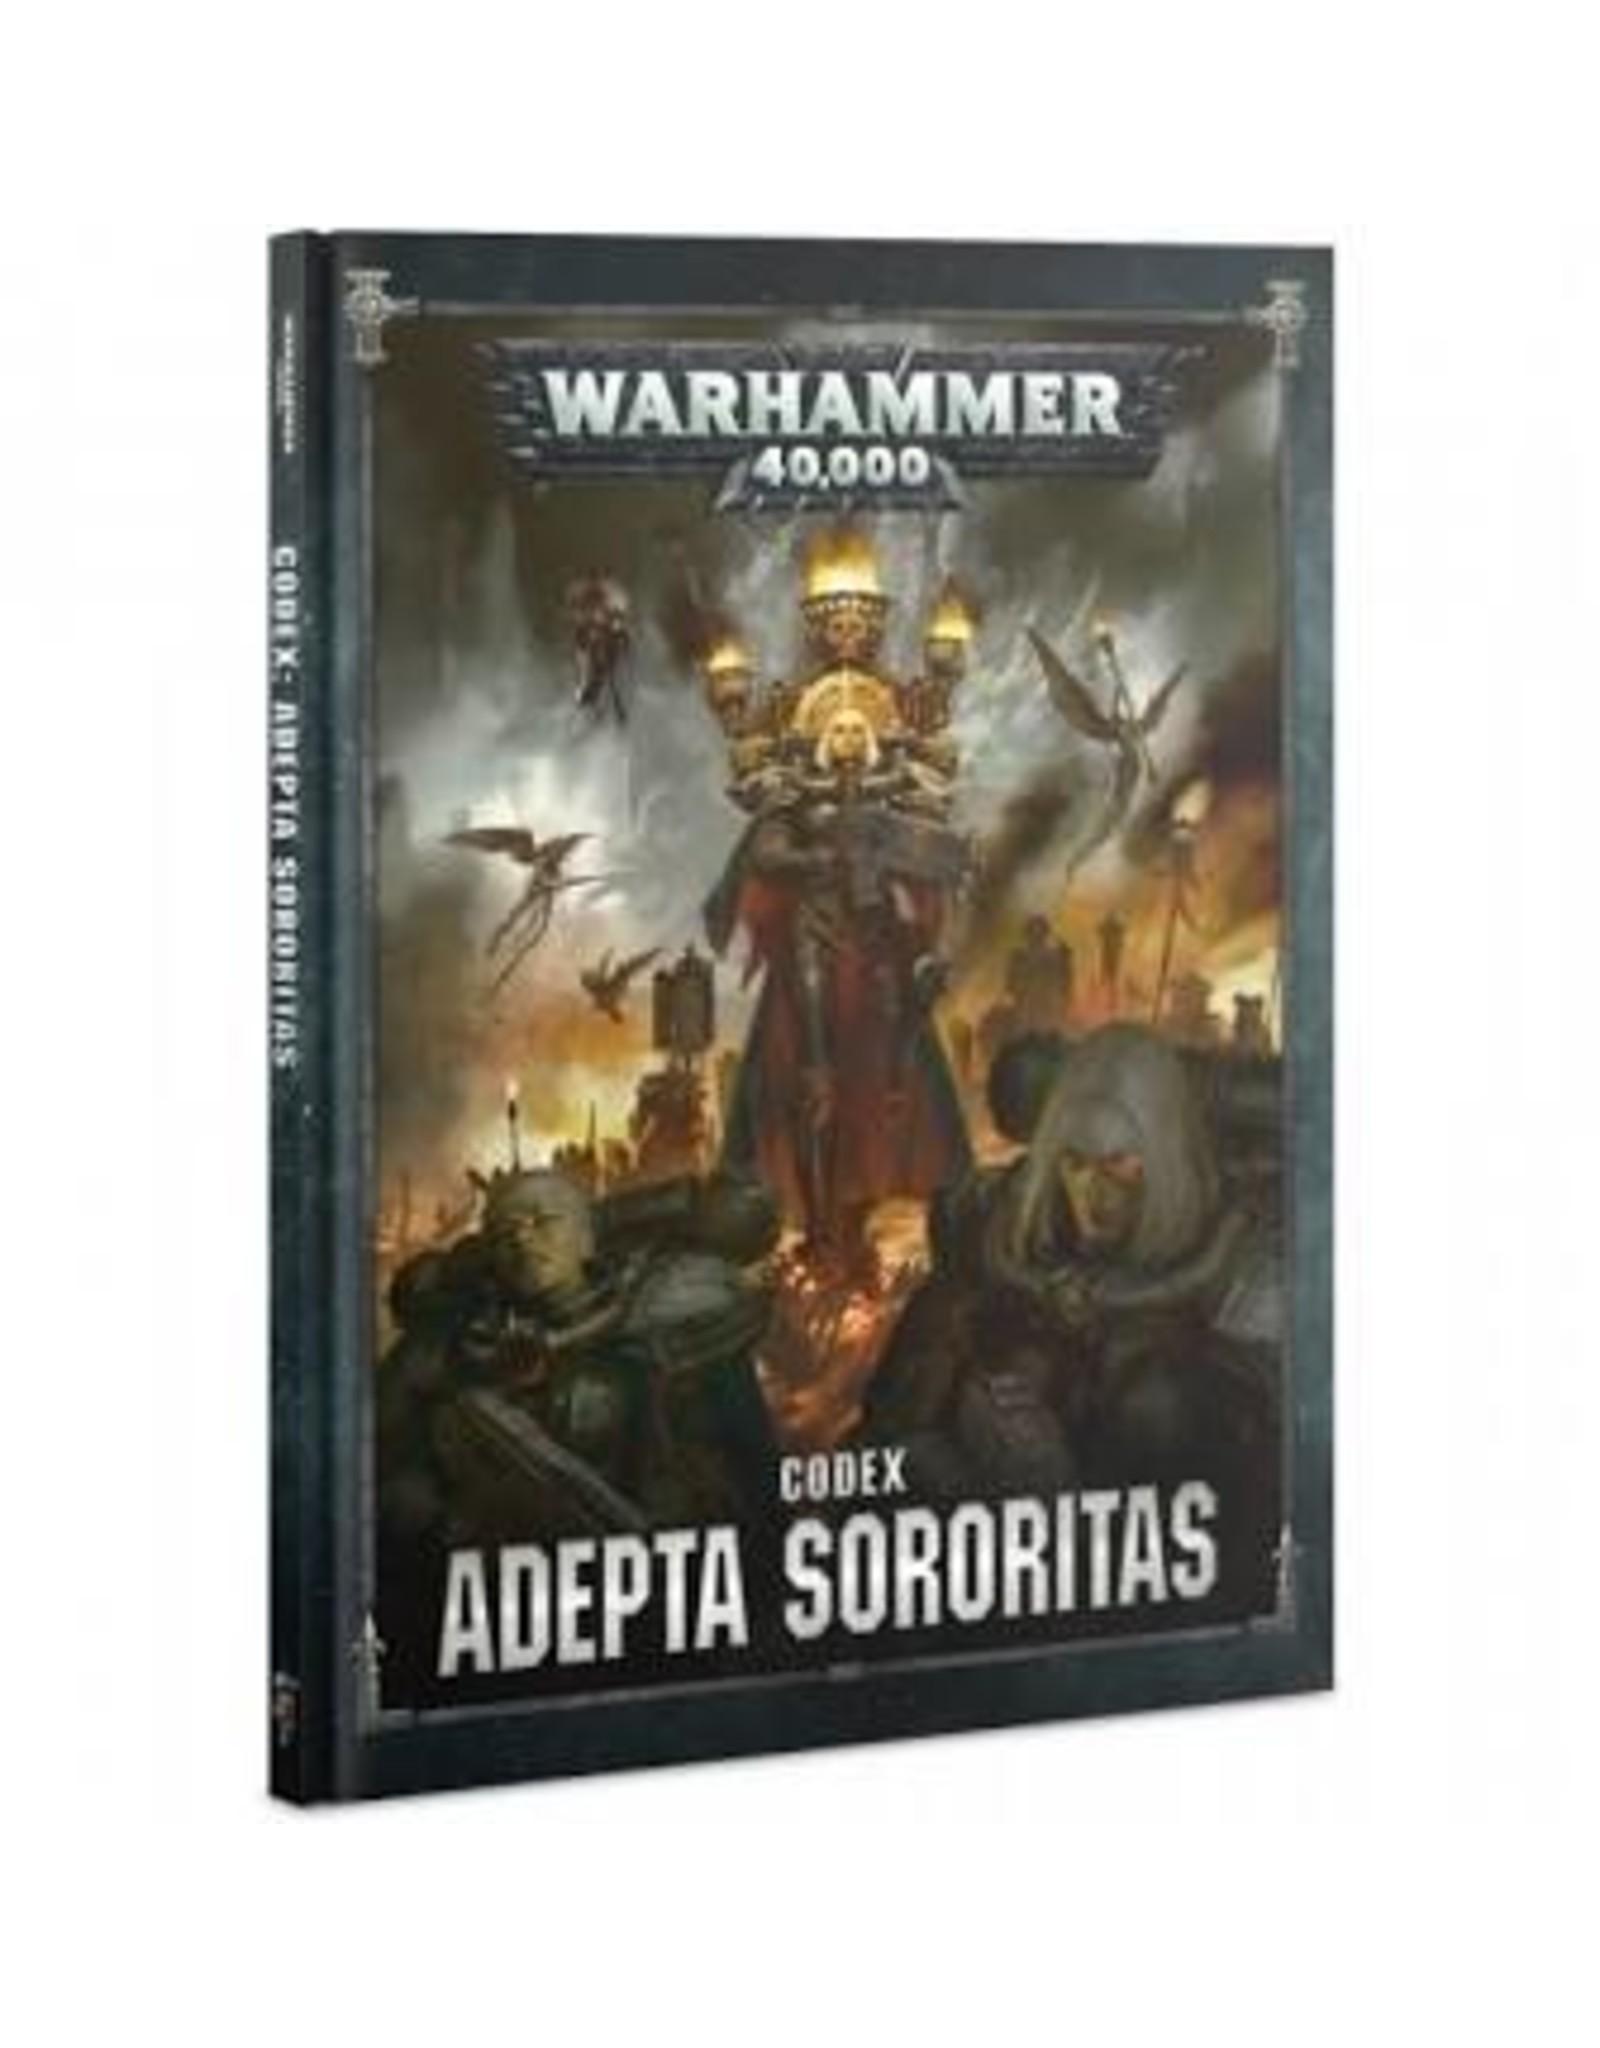 Warhammer 40K Adepta Sororitas Codex